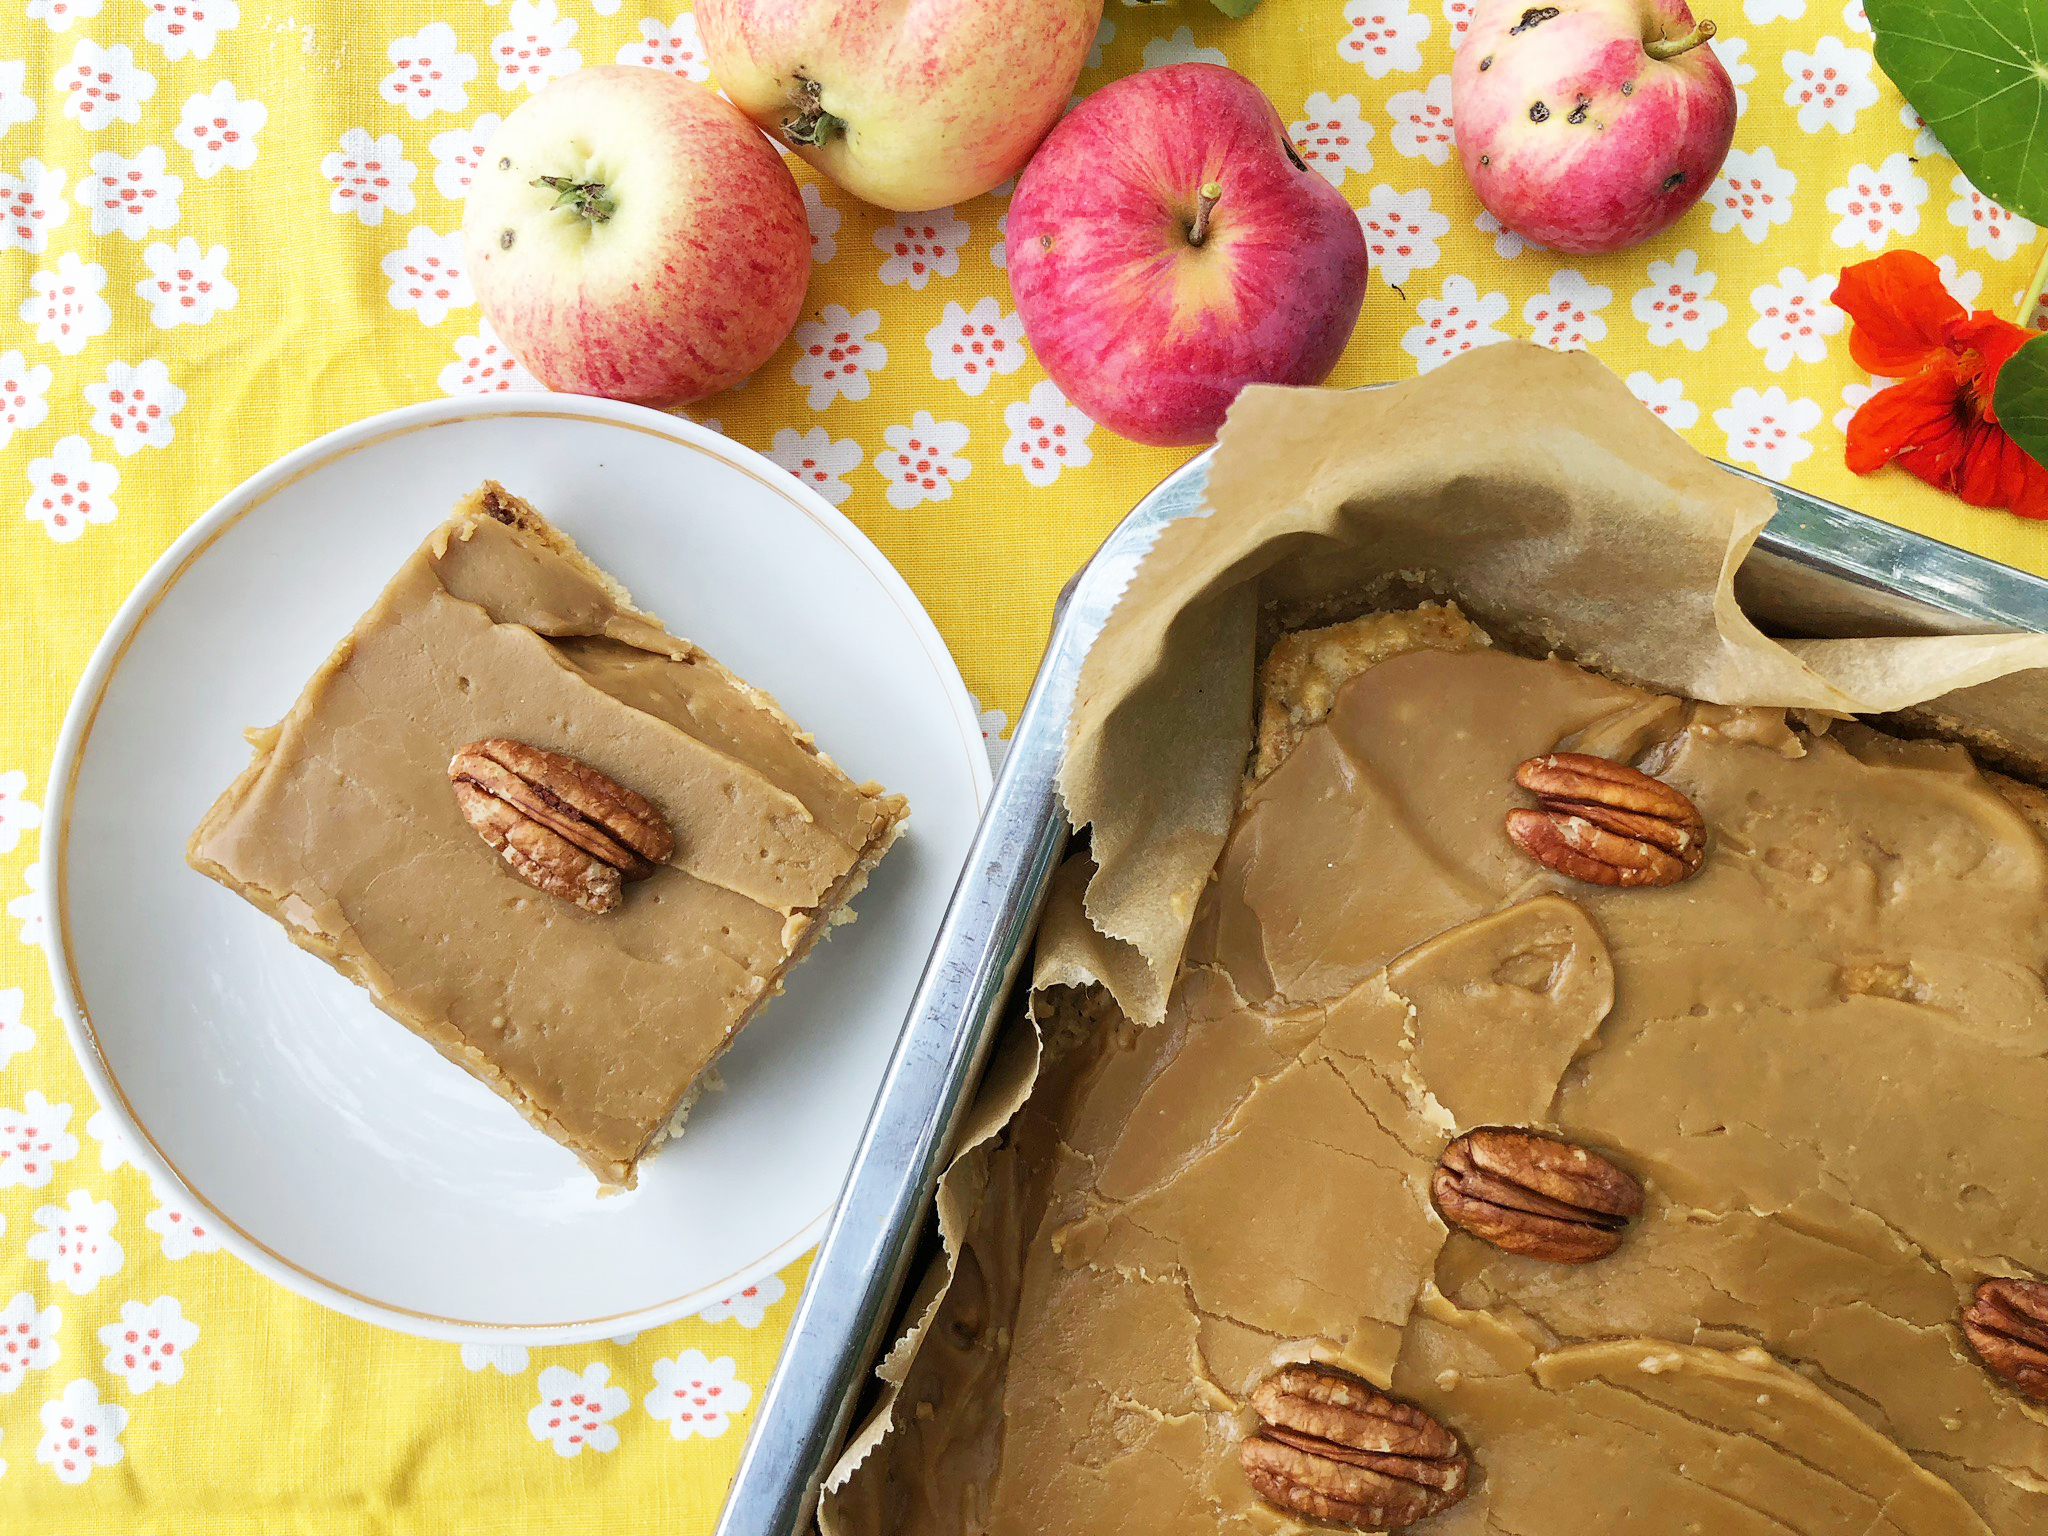 Omena-pekaanipähkinäkakku kinuskikuorrutteella